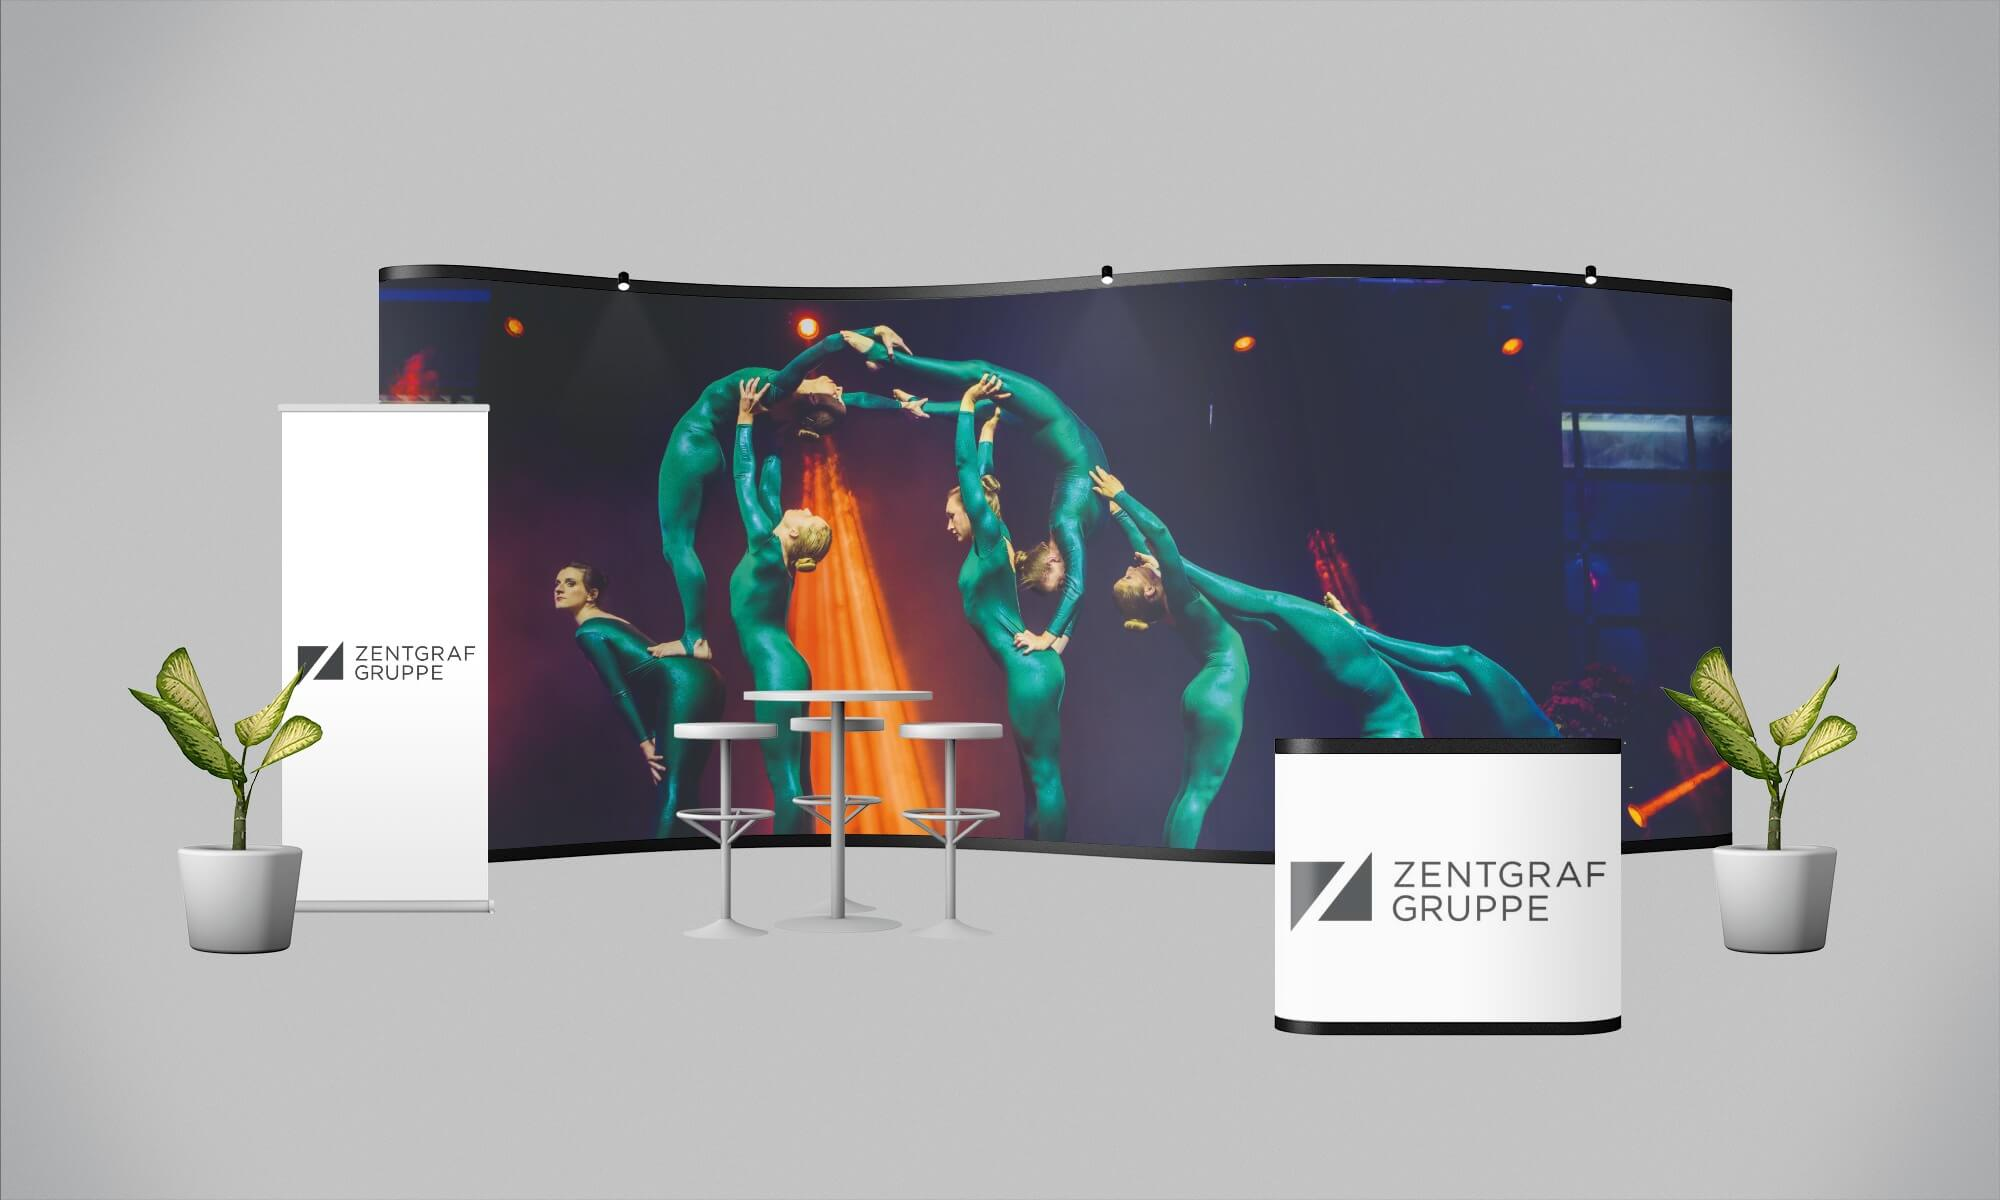 Zentgraf Holding GmbH